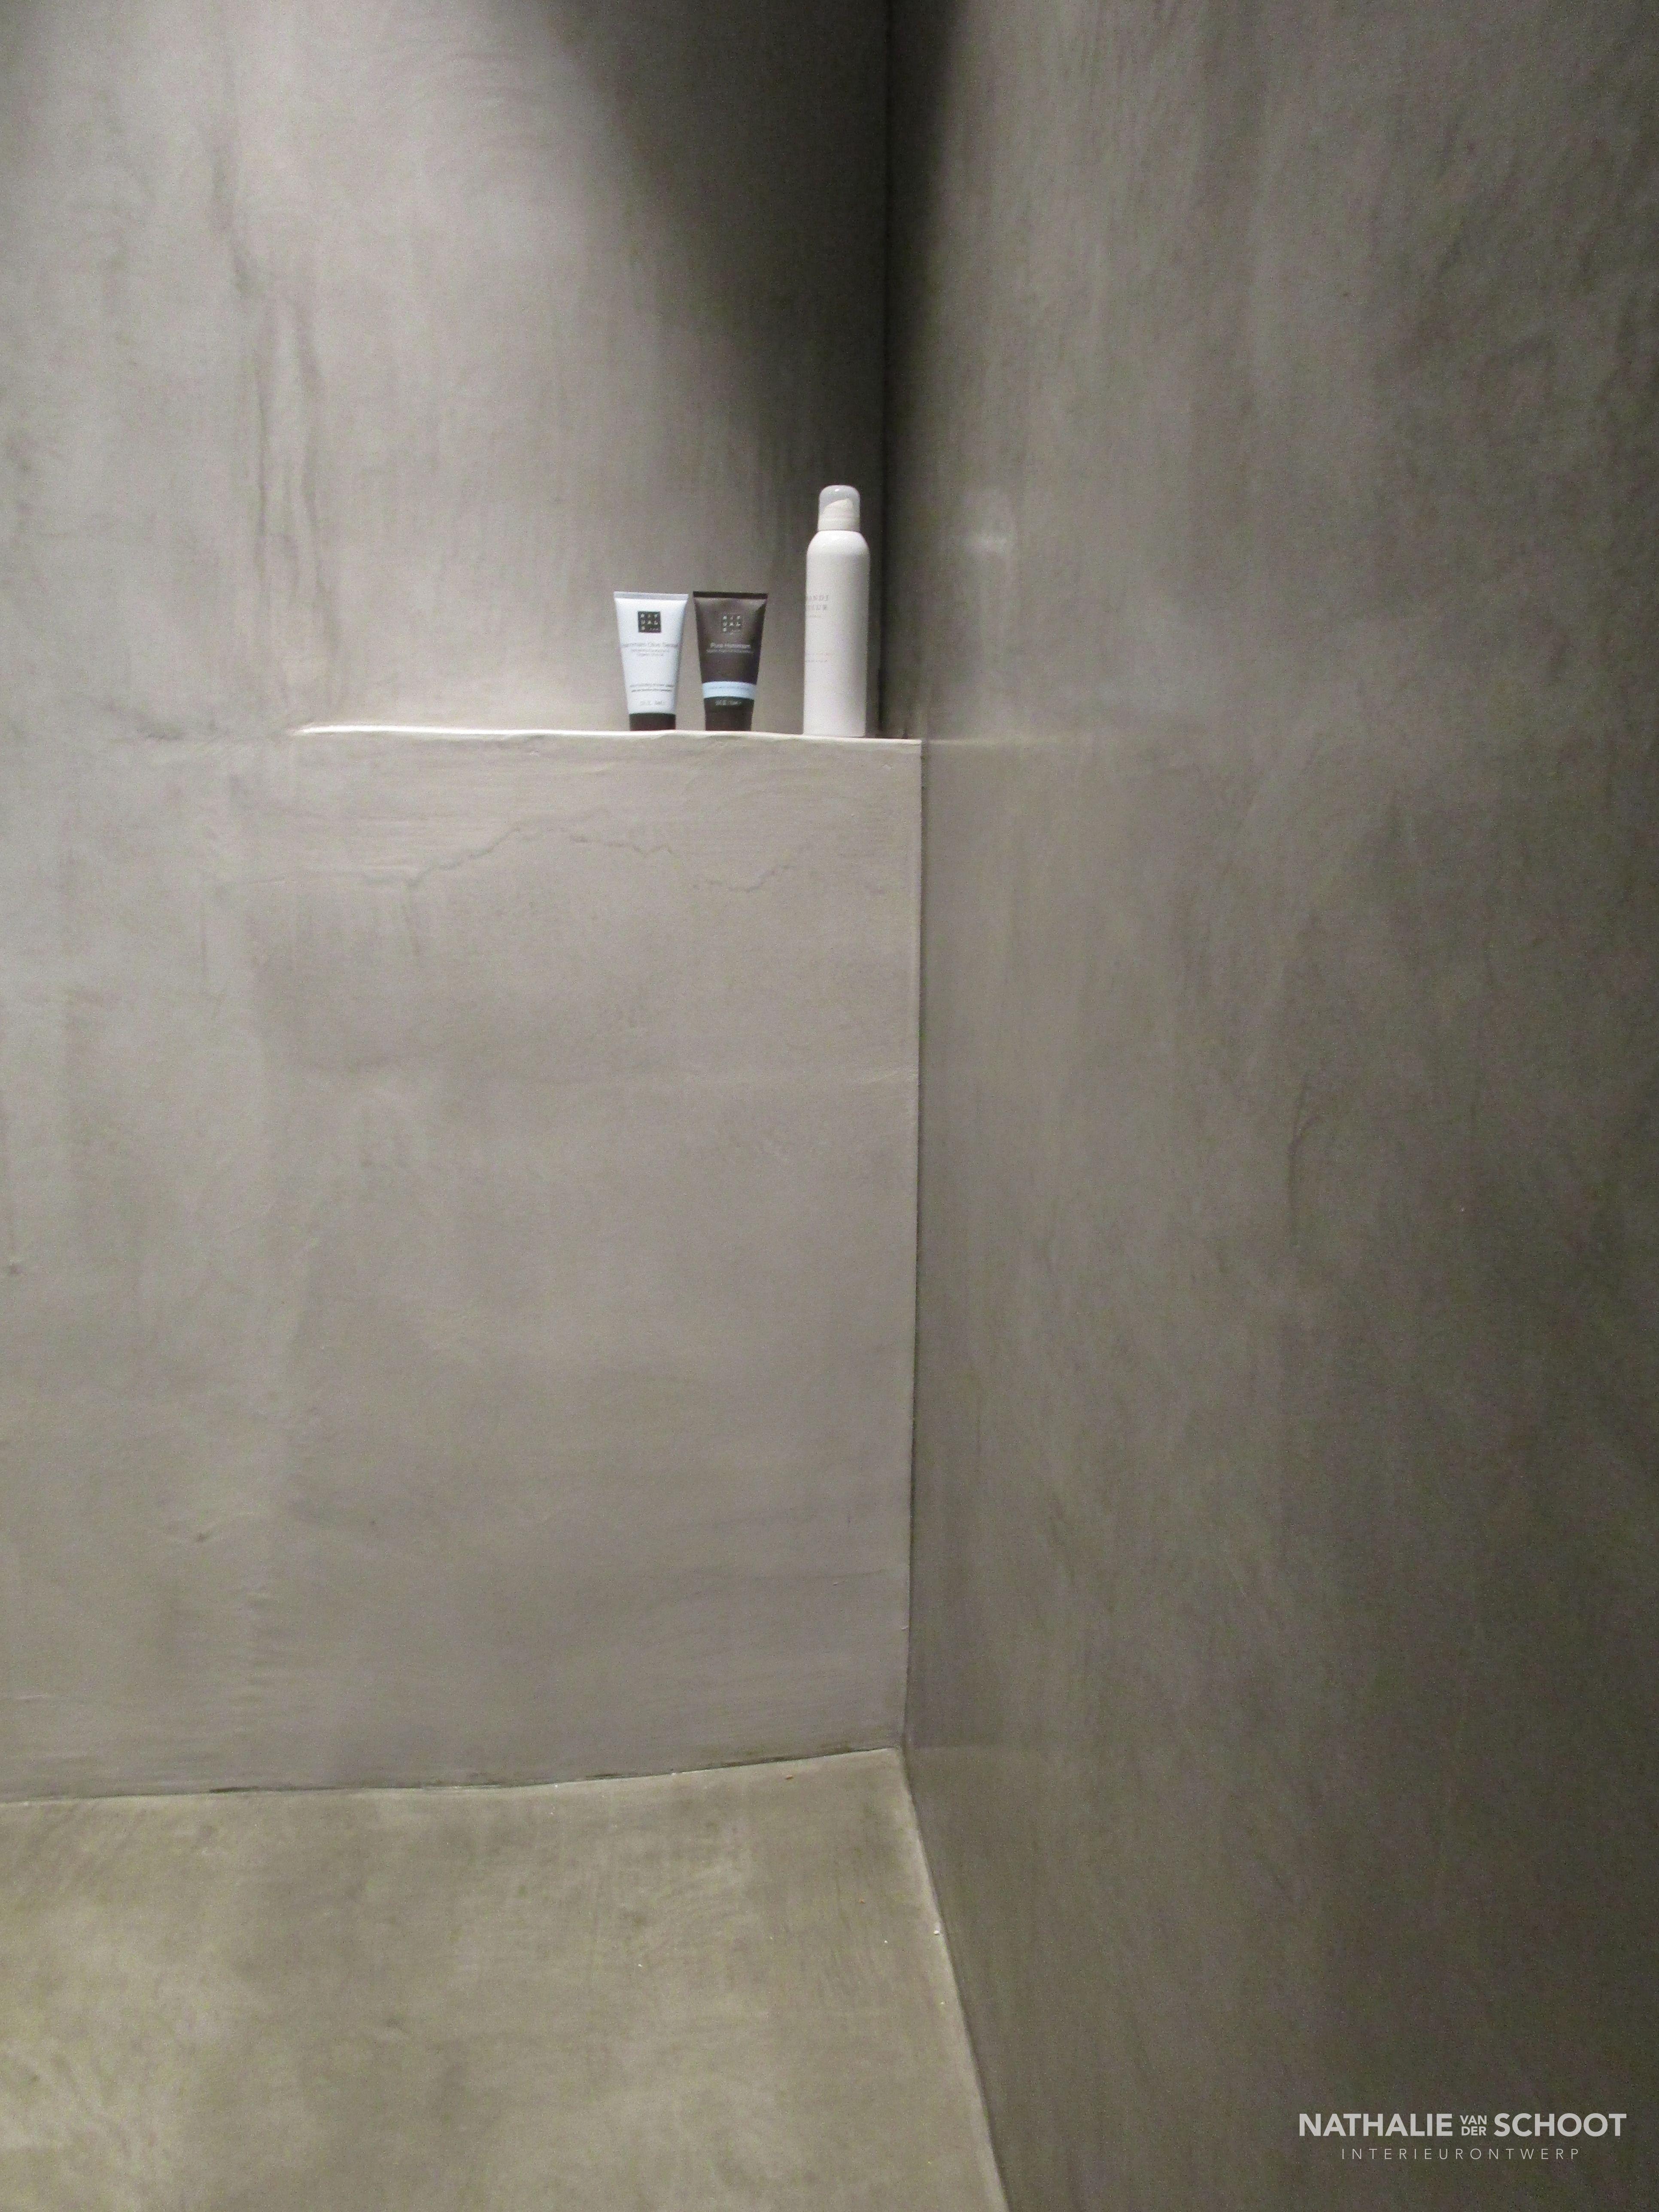 Badkamer in verbau betonstuc kleur 01 128 betonstuc waterdicht naadloos betoncire beal - Badkamer kleur ...